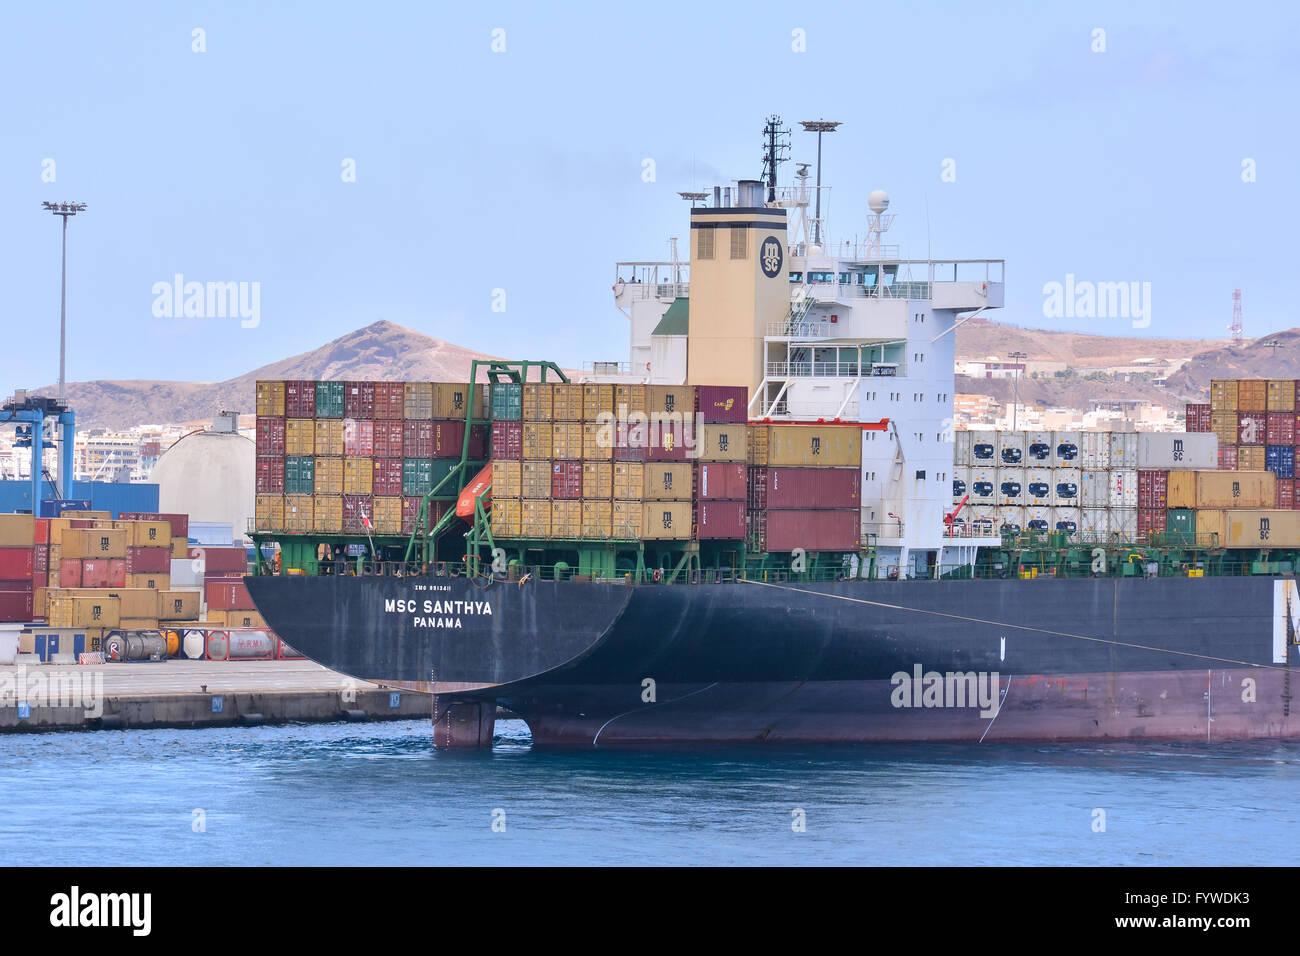 Bâtiment industriel éditoriale dans le Port Photo Stock